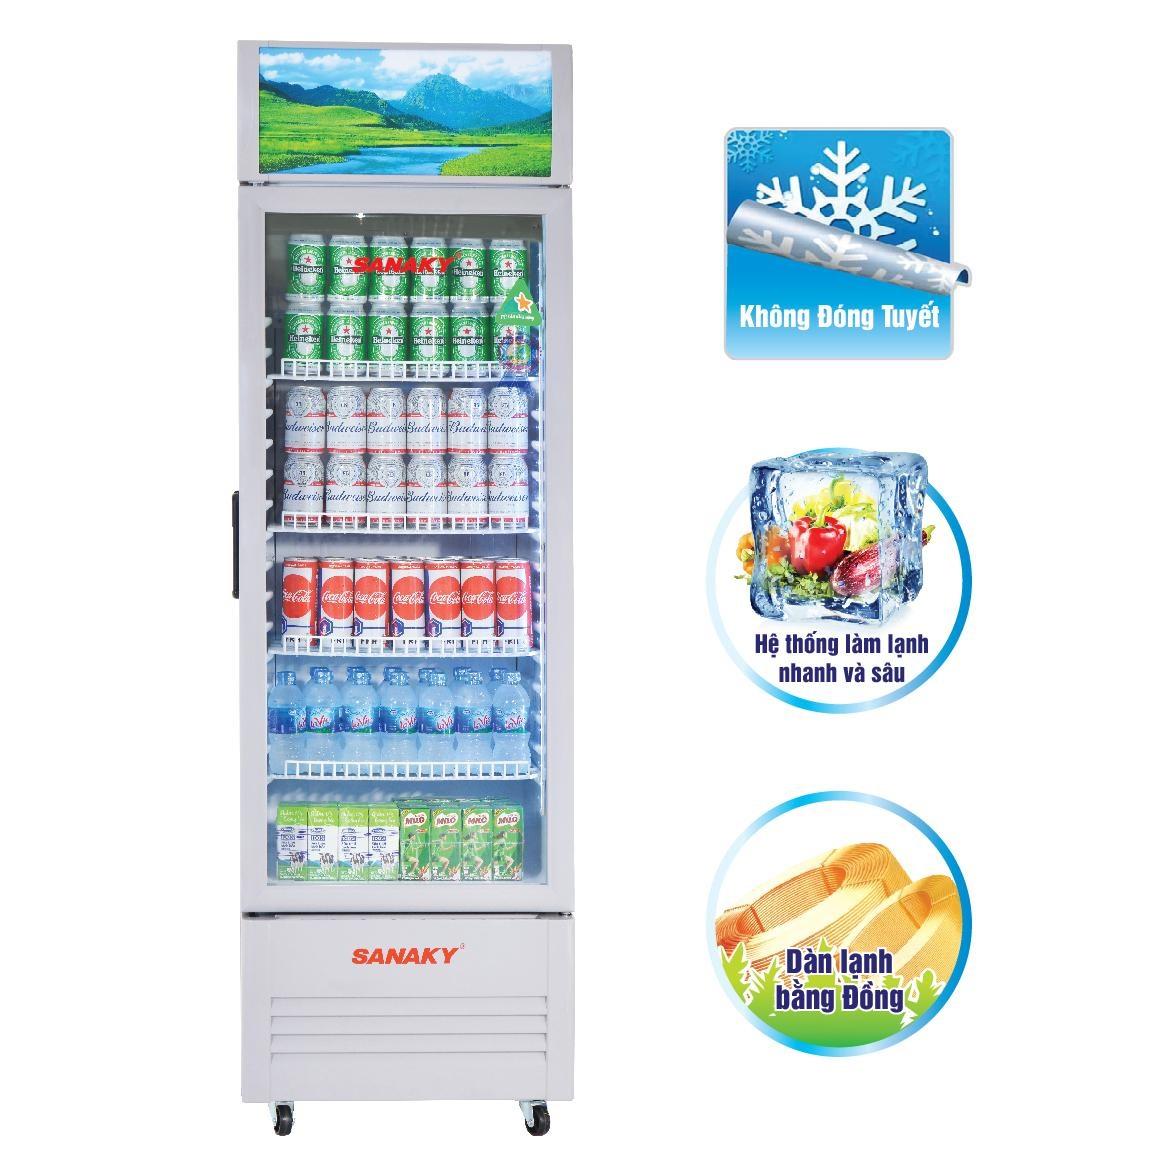 Tủ Mát Sanaky VH-259KL 200 Lít Dàn Đồng